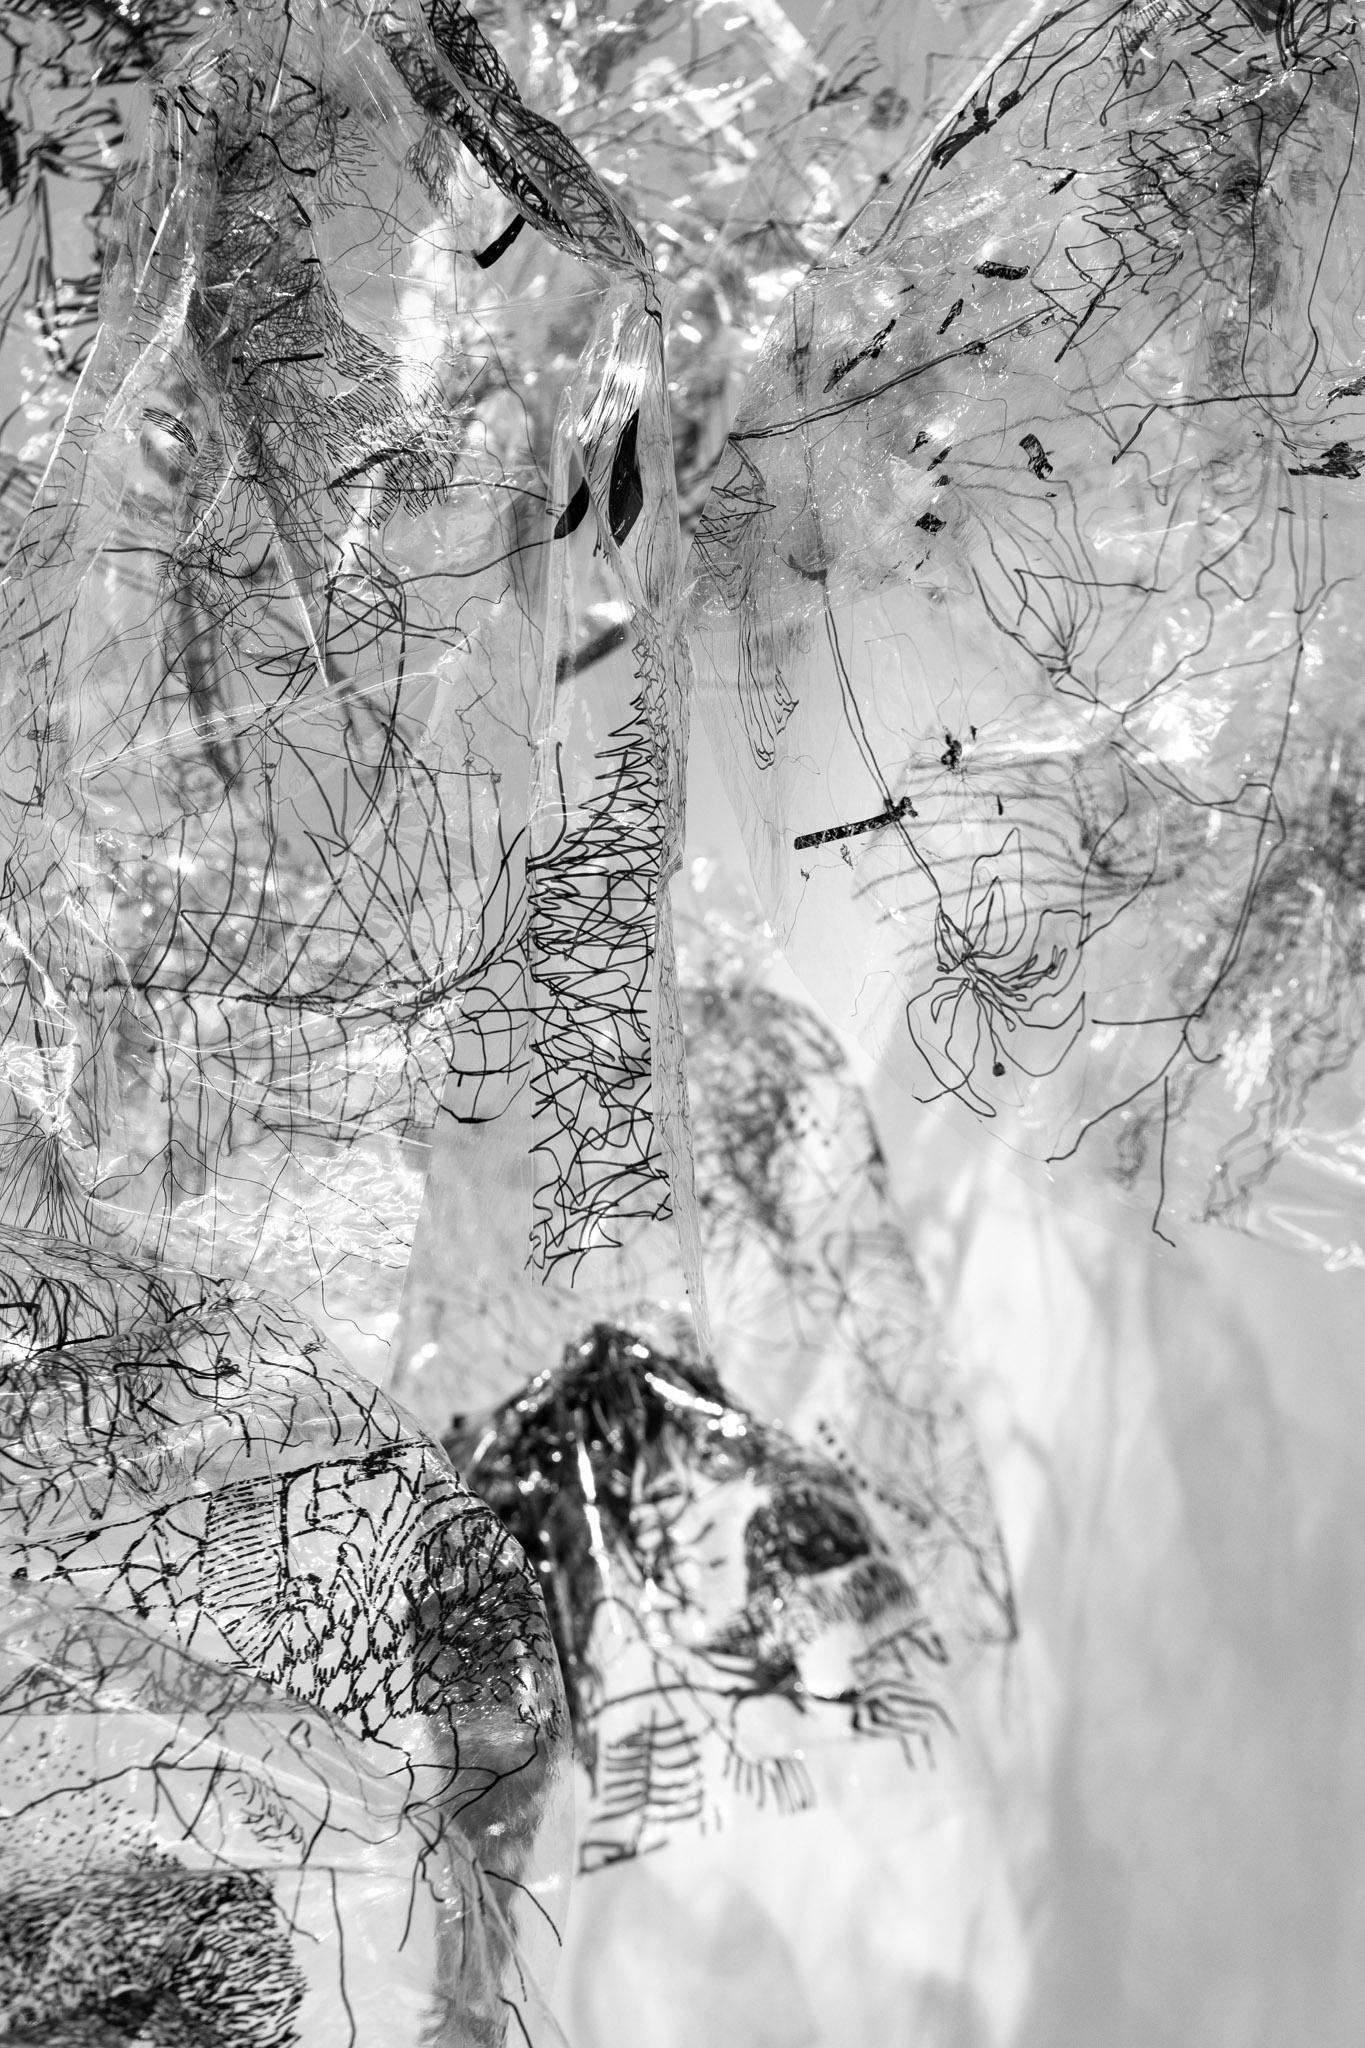 Ogni cosa è un'altra (dettaglio), 2017 – in progress 34 disegni su cellofan; dimensioni variabili;  foto: Giorgio Benni.  Courtesy l'artista e Monitor Roma, Lisbona, Pereto